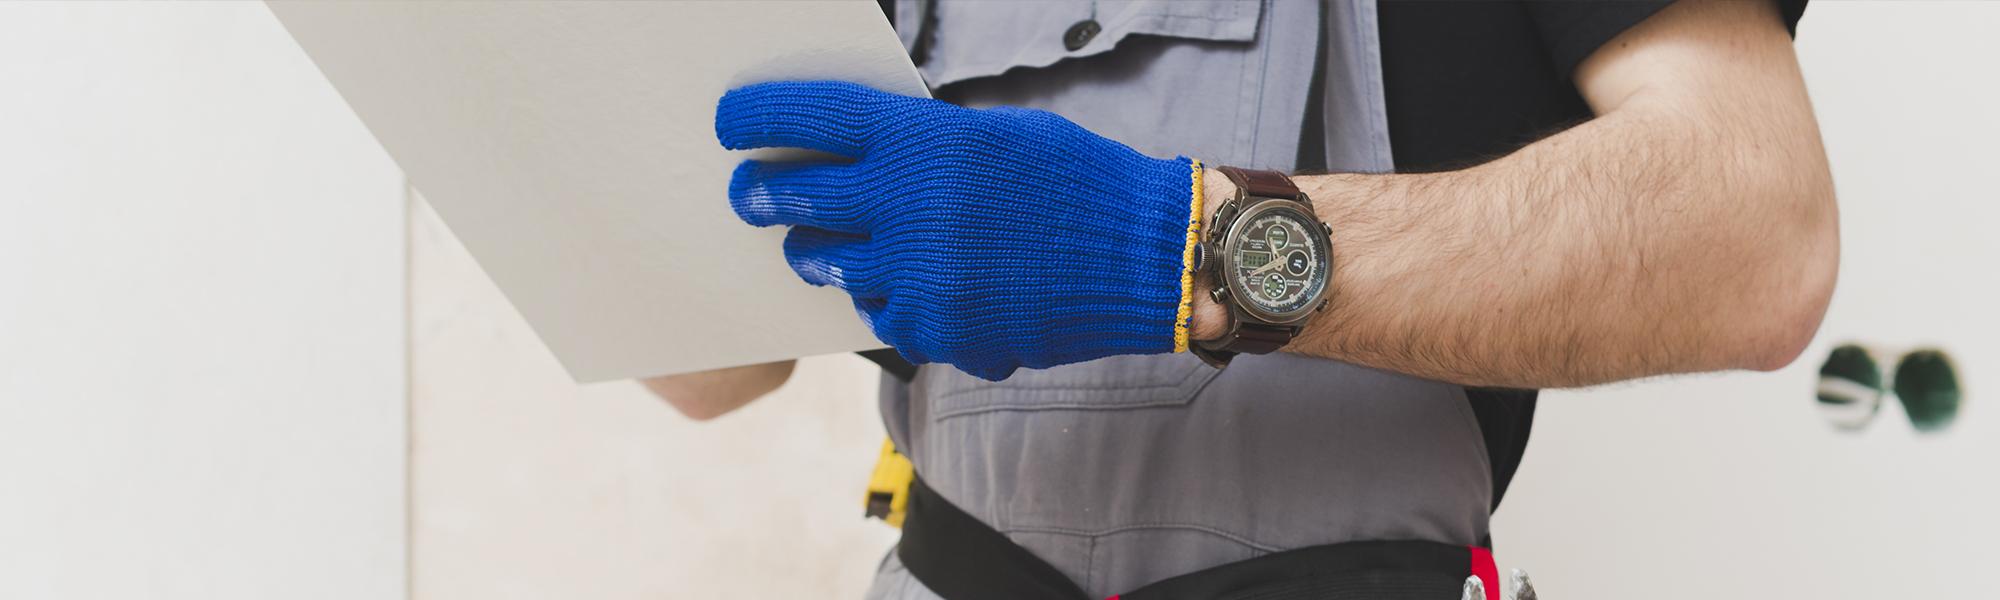 La manutenzione dei deumidificatori industriali